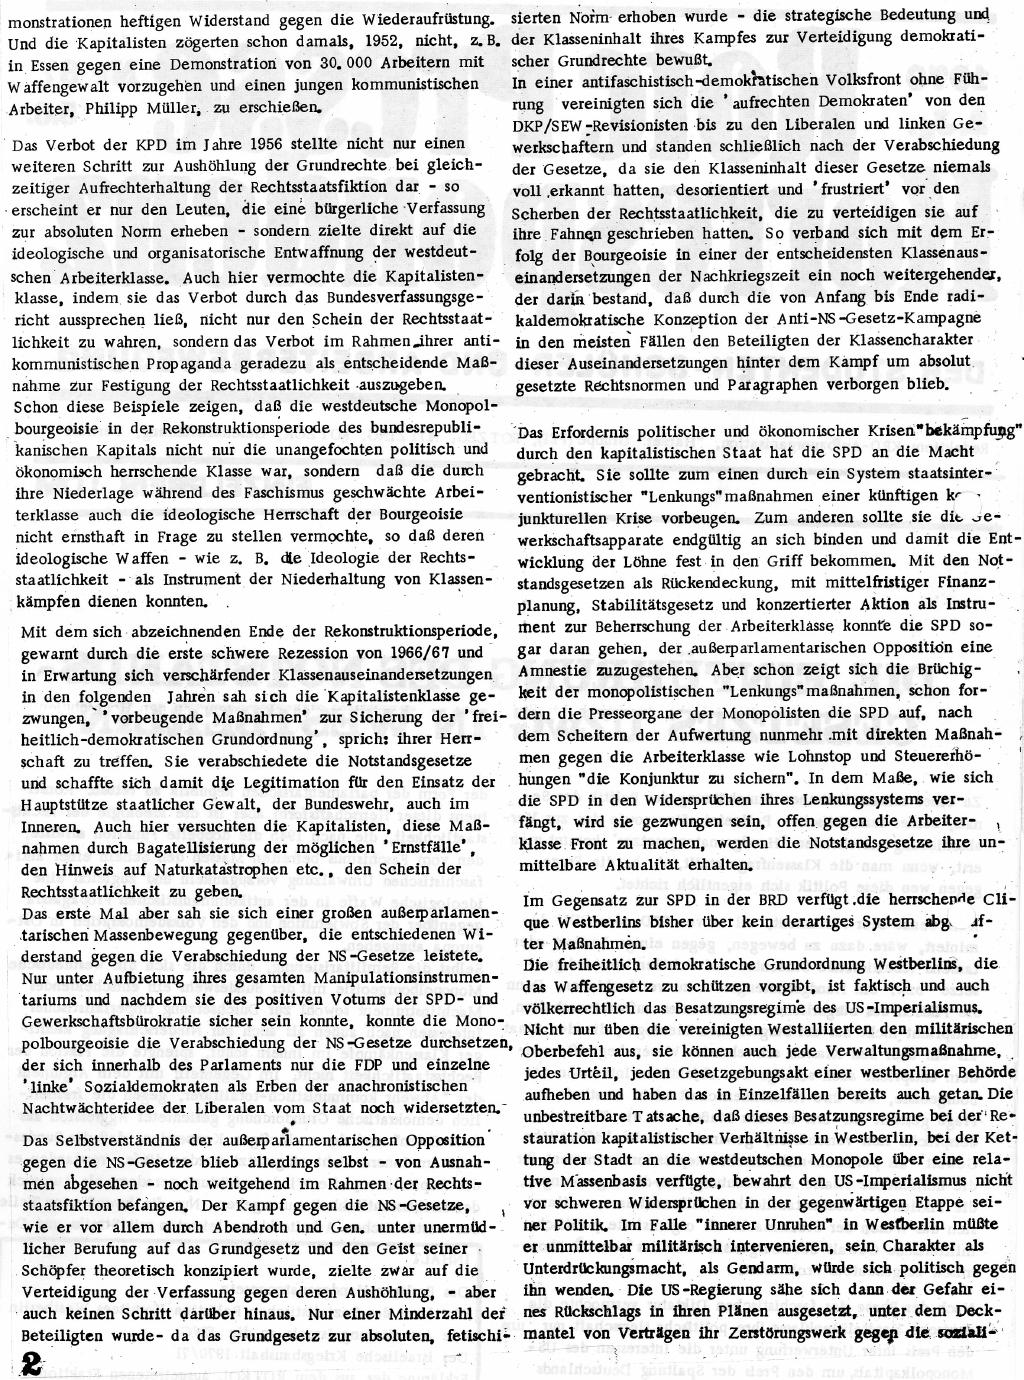 RPK_1970_067_02